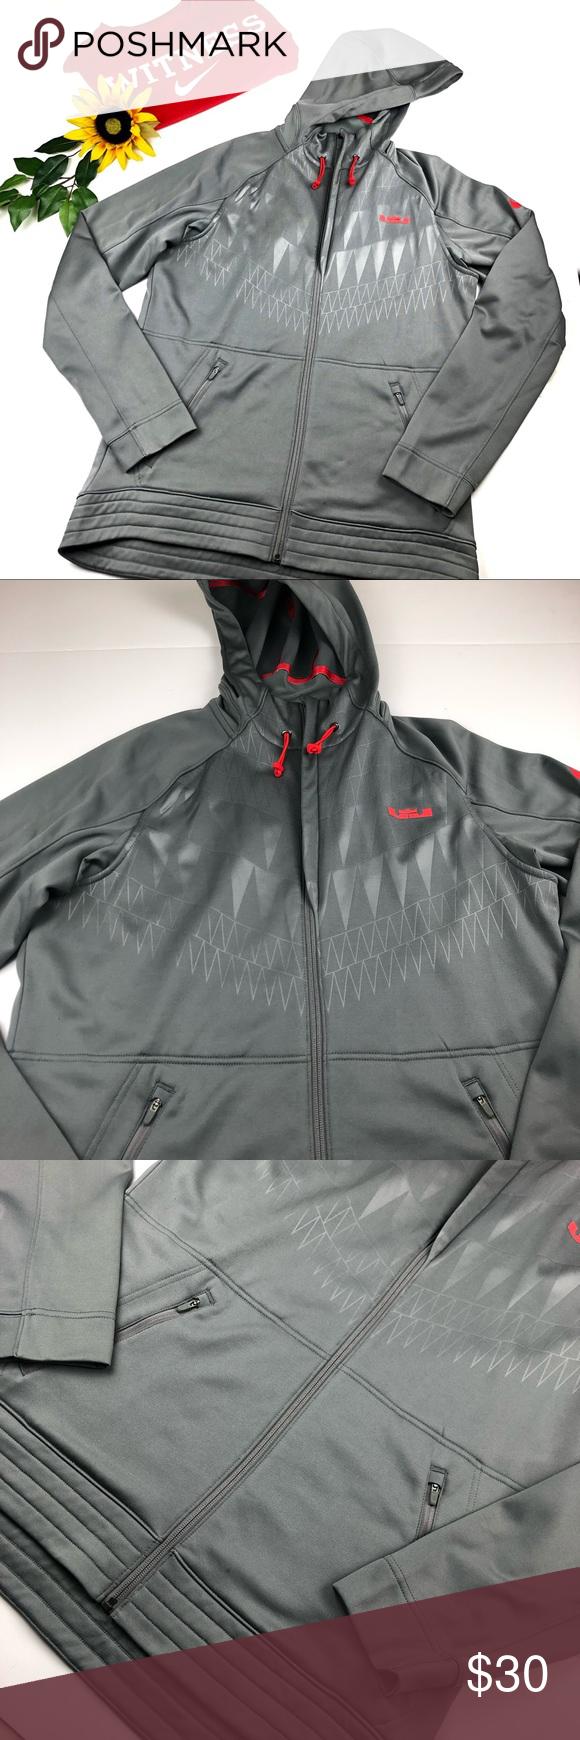 Sold Lebron James Nike Hoodie Men S Medium Gray Nike Hoodie Nike Hoodie Men Hoodies Men [ 1740 x 580 Pixel ]